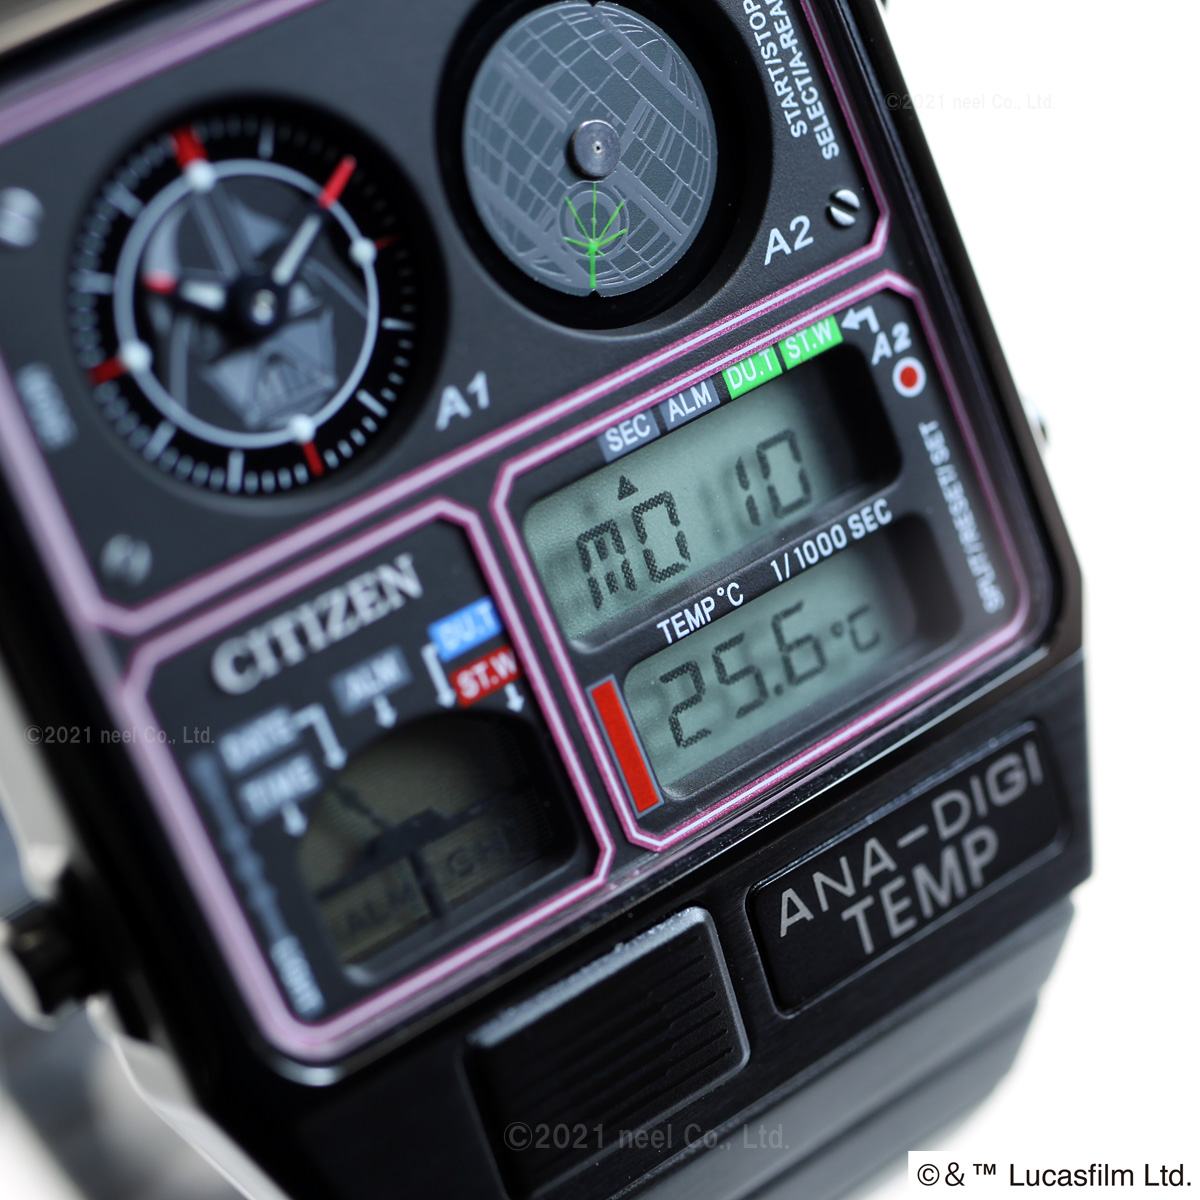 シチズン アナデジテンプ CITIZEN ANA-DIGI TEMP スター・ウォーズ 限定モデル 「ダース・ベイダーモデル」 STAR WARS 腕時計 メンズ レディース JG2115-57E